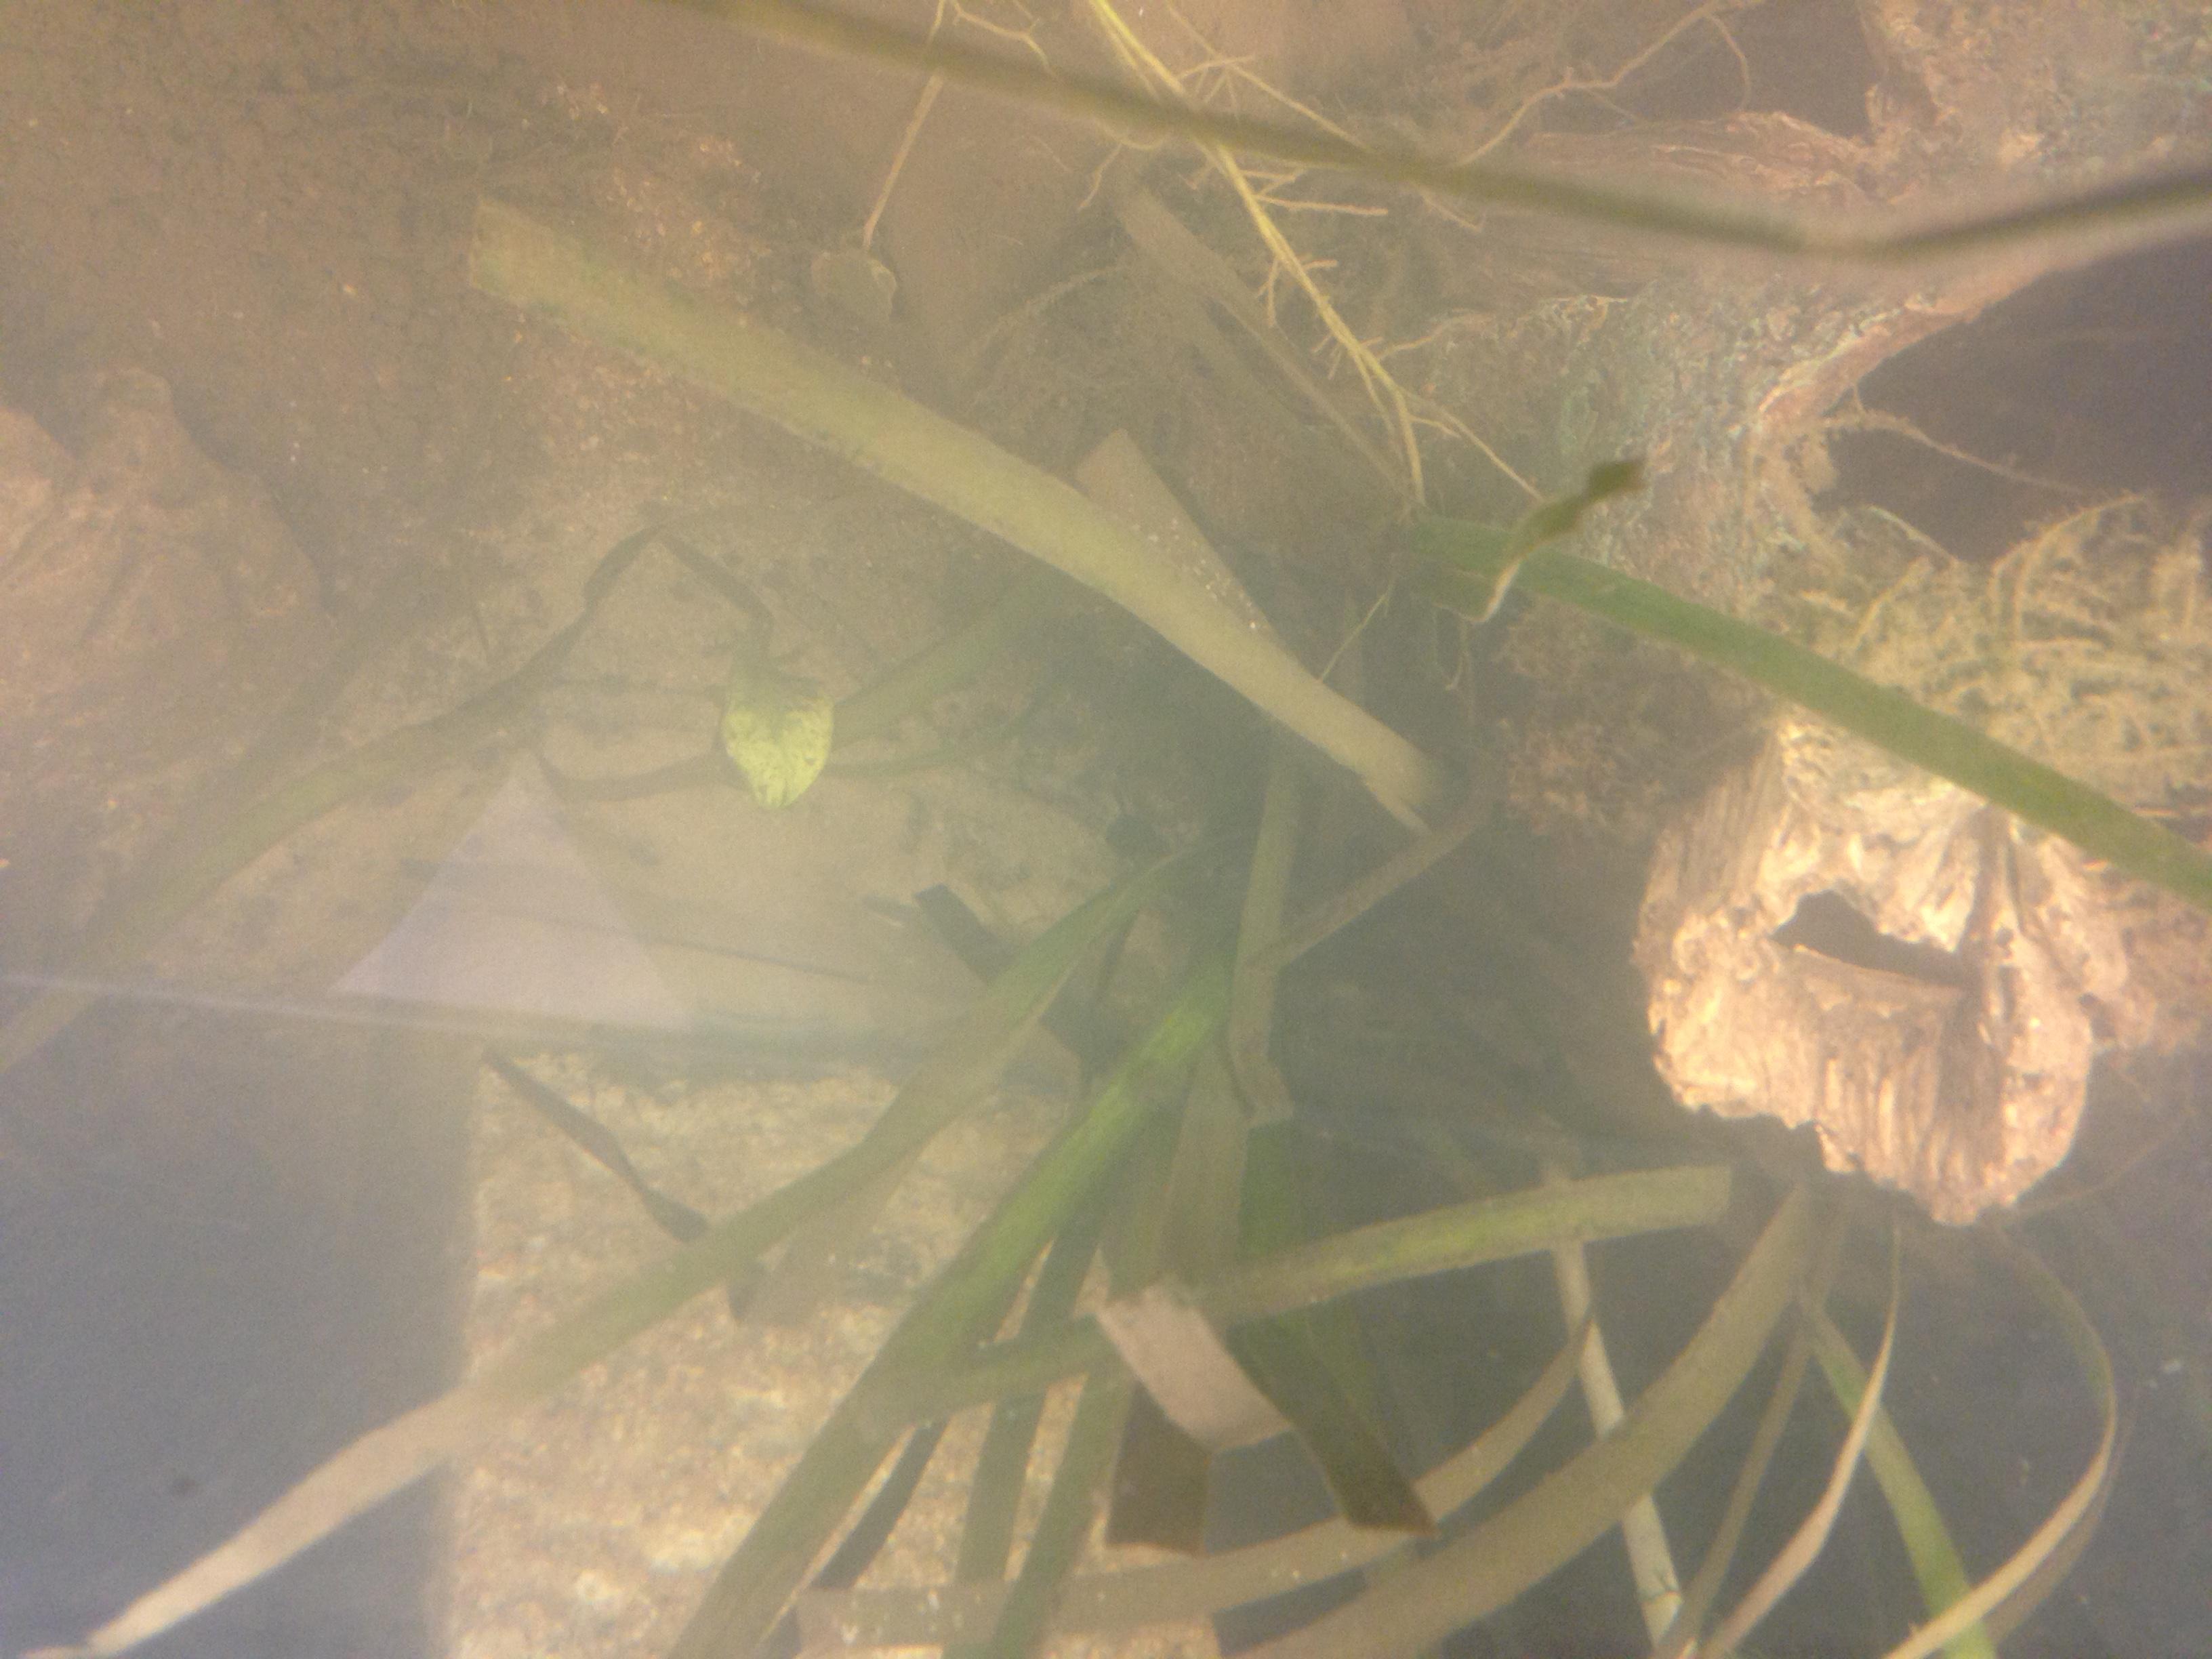 Mesures incohérentes et algues brunes 459551IMG02401